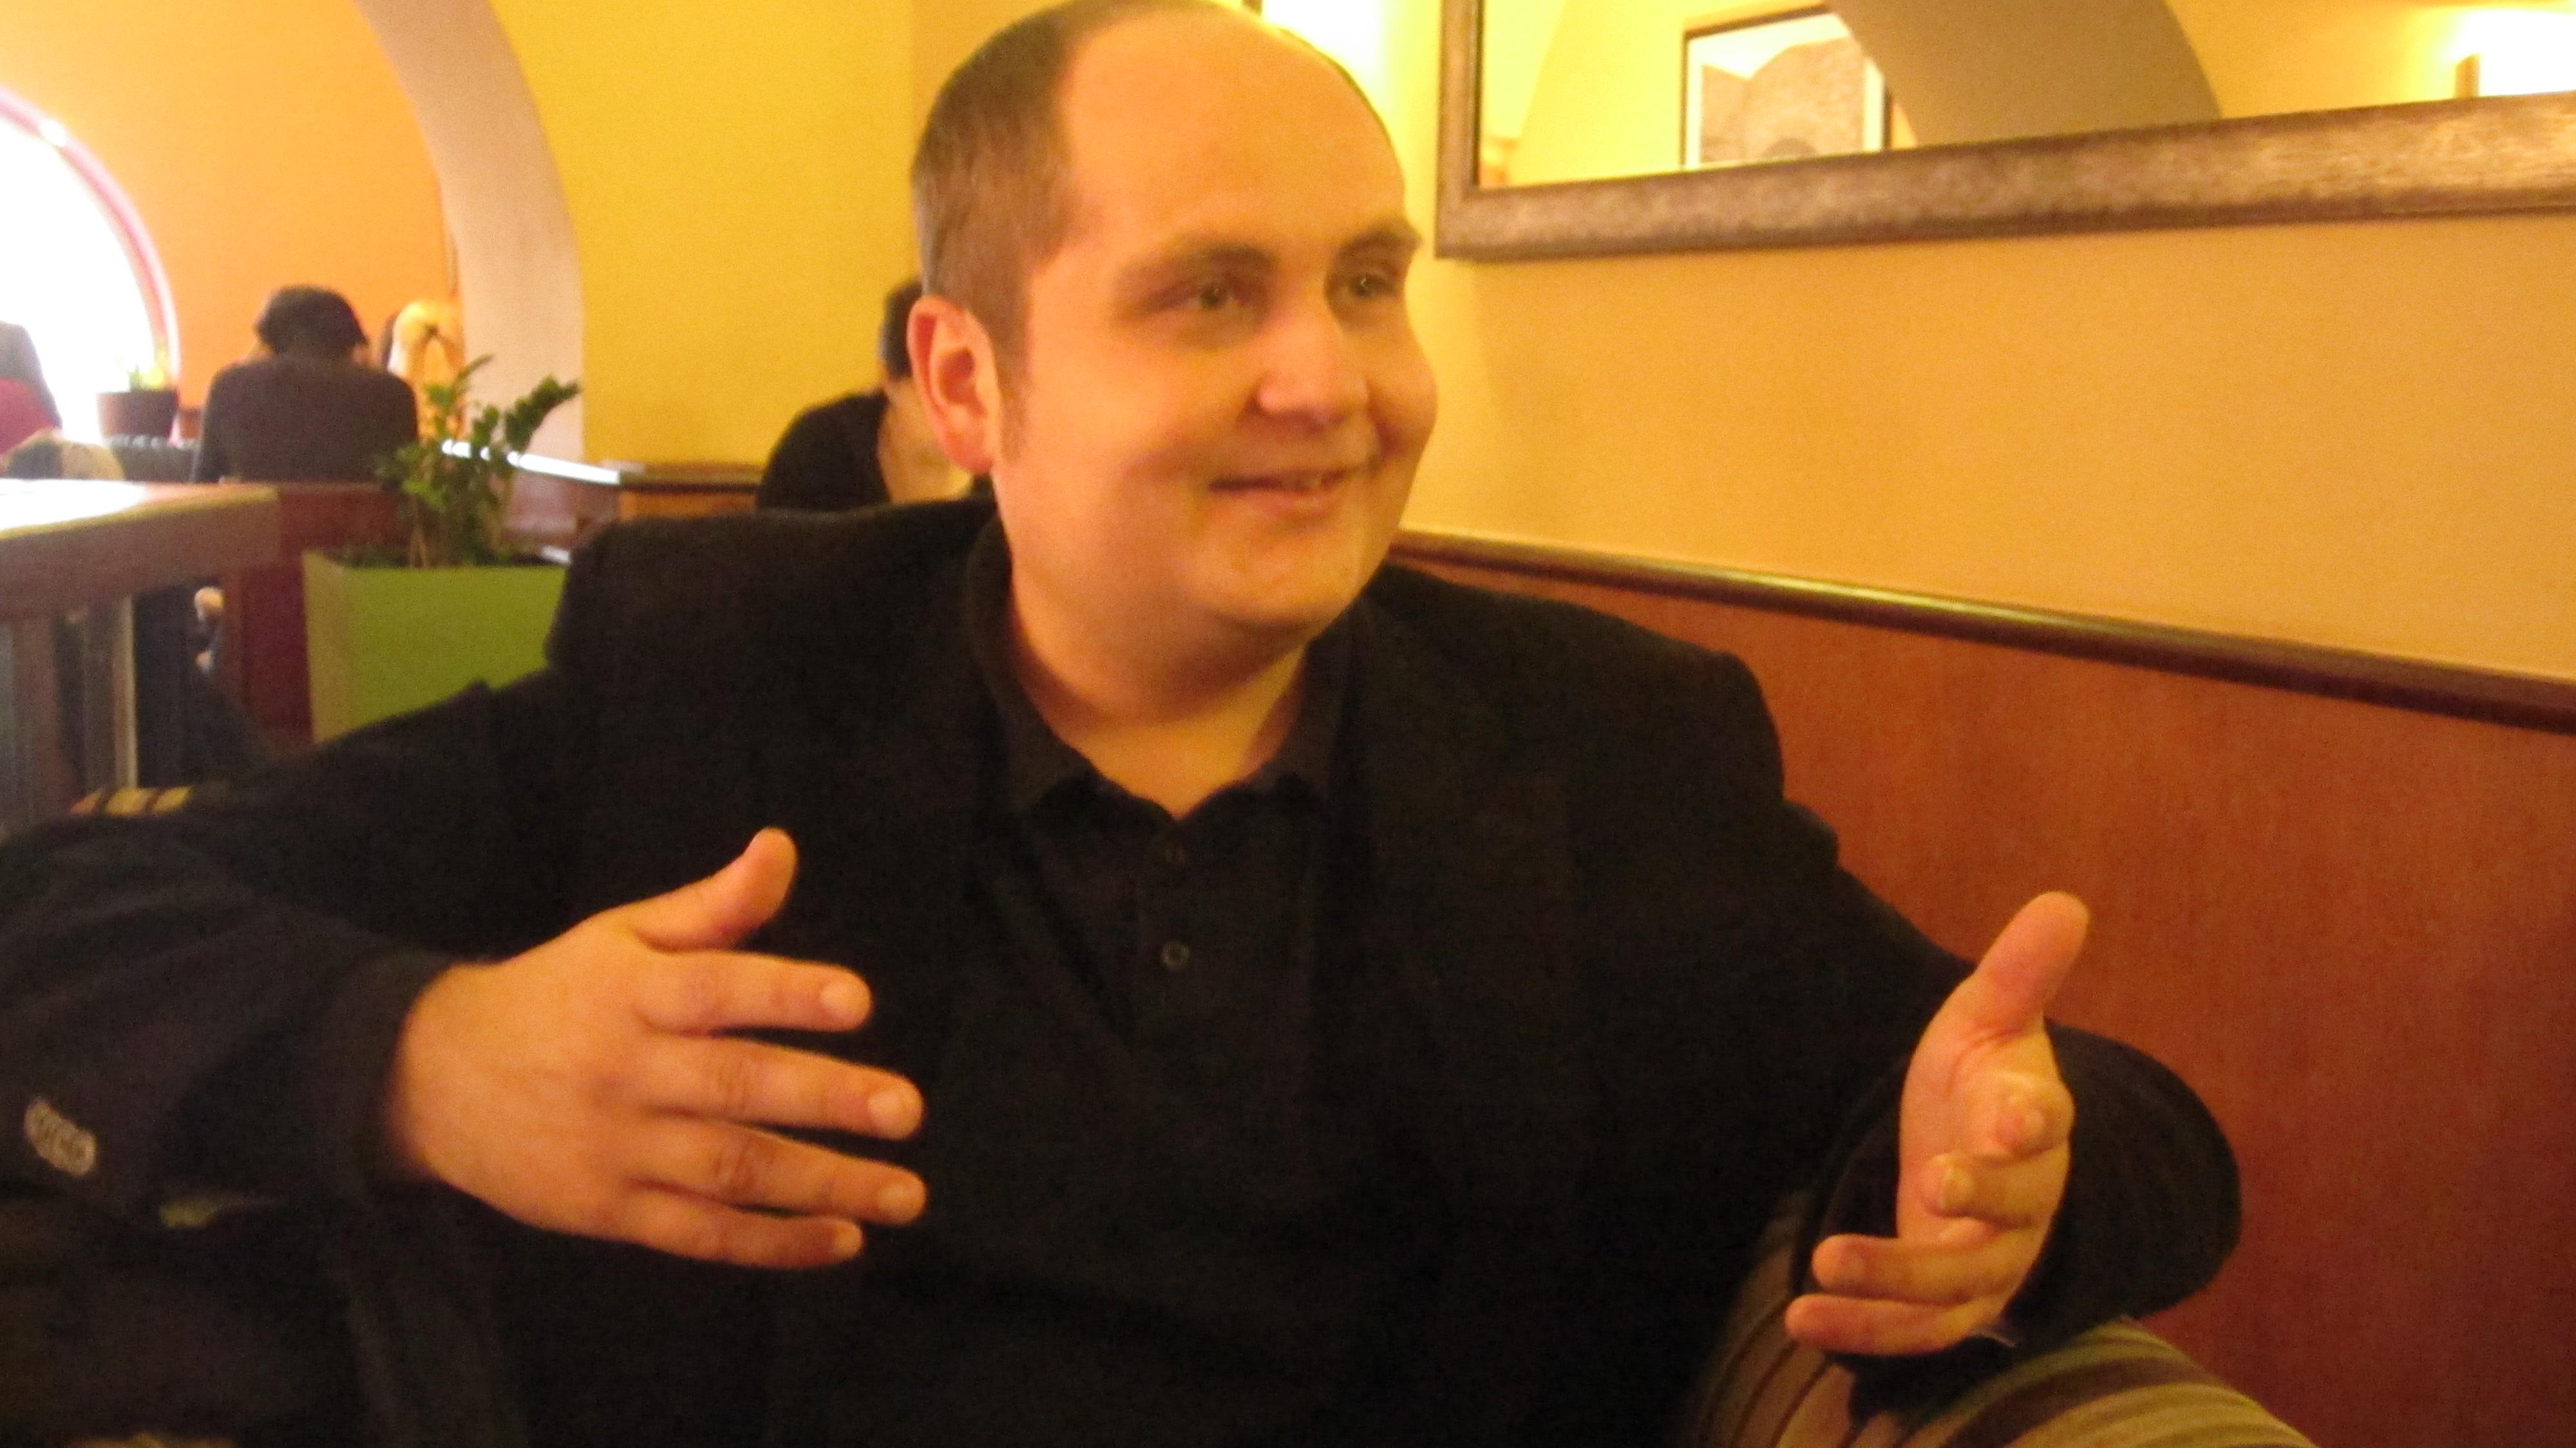 Interjú: Az ász és az ész – jogász és zenész – Beszélgetés Bérces ...